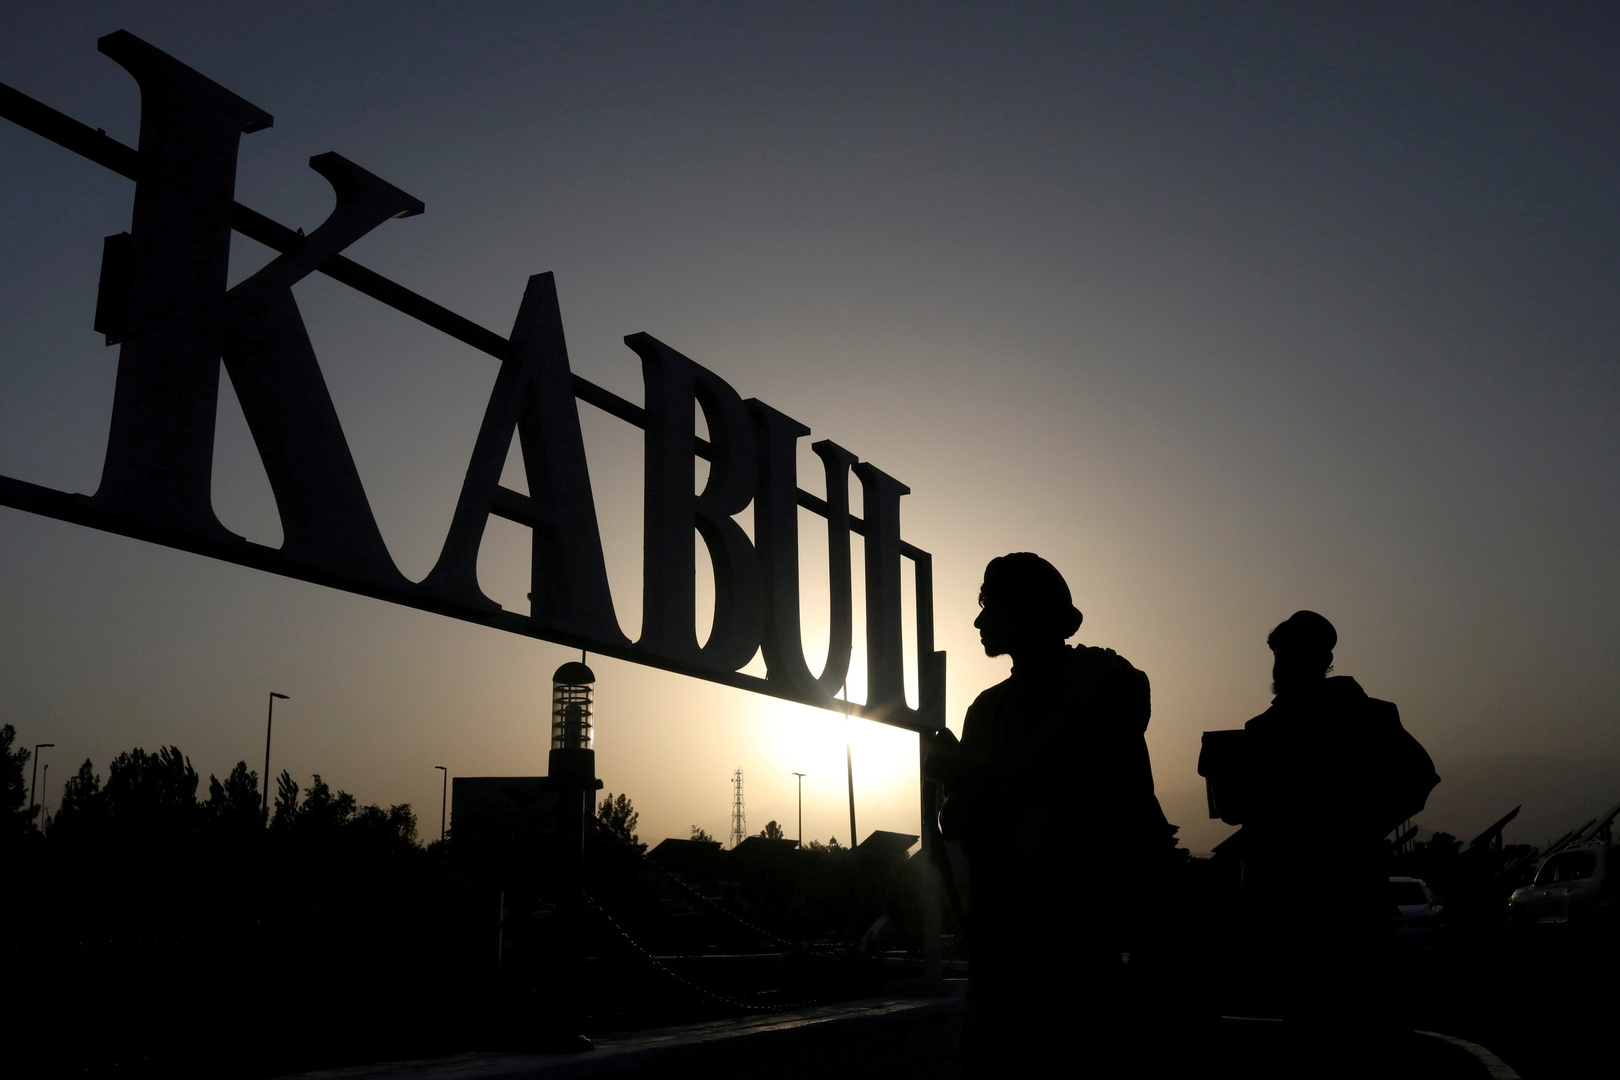 الولايات المتحدة.. مشروع قانون لمنح الباحثين الأفغان تأشيرات هجرة خاصة